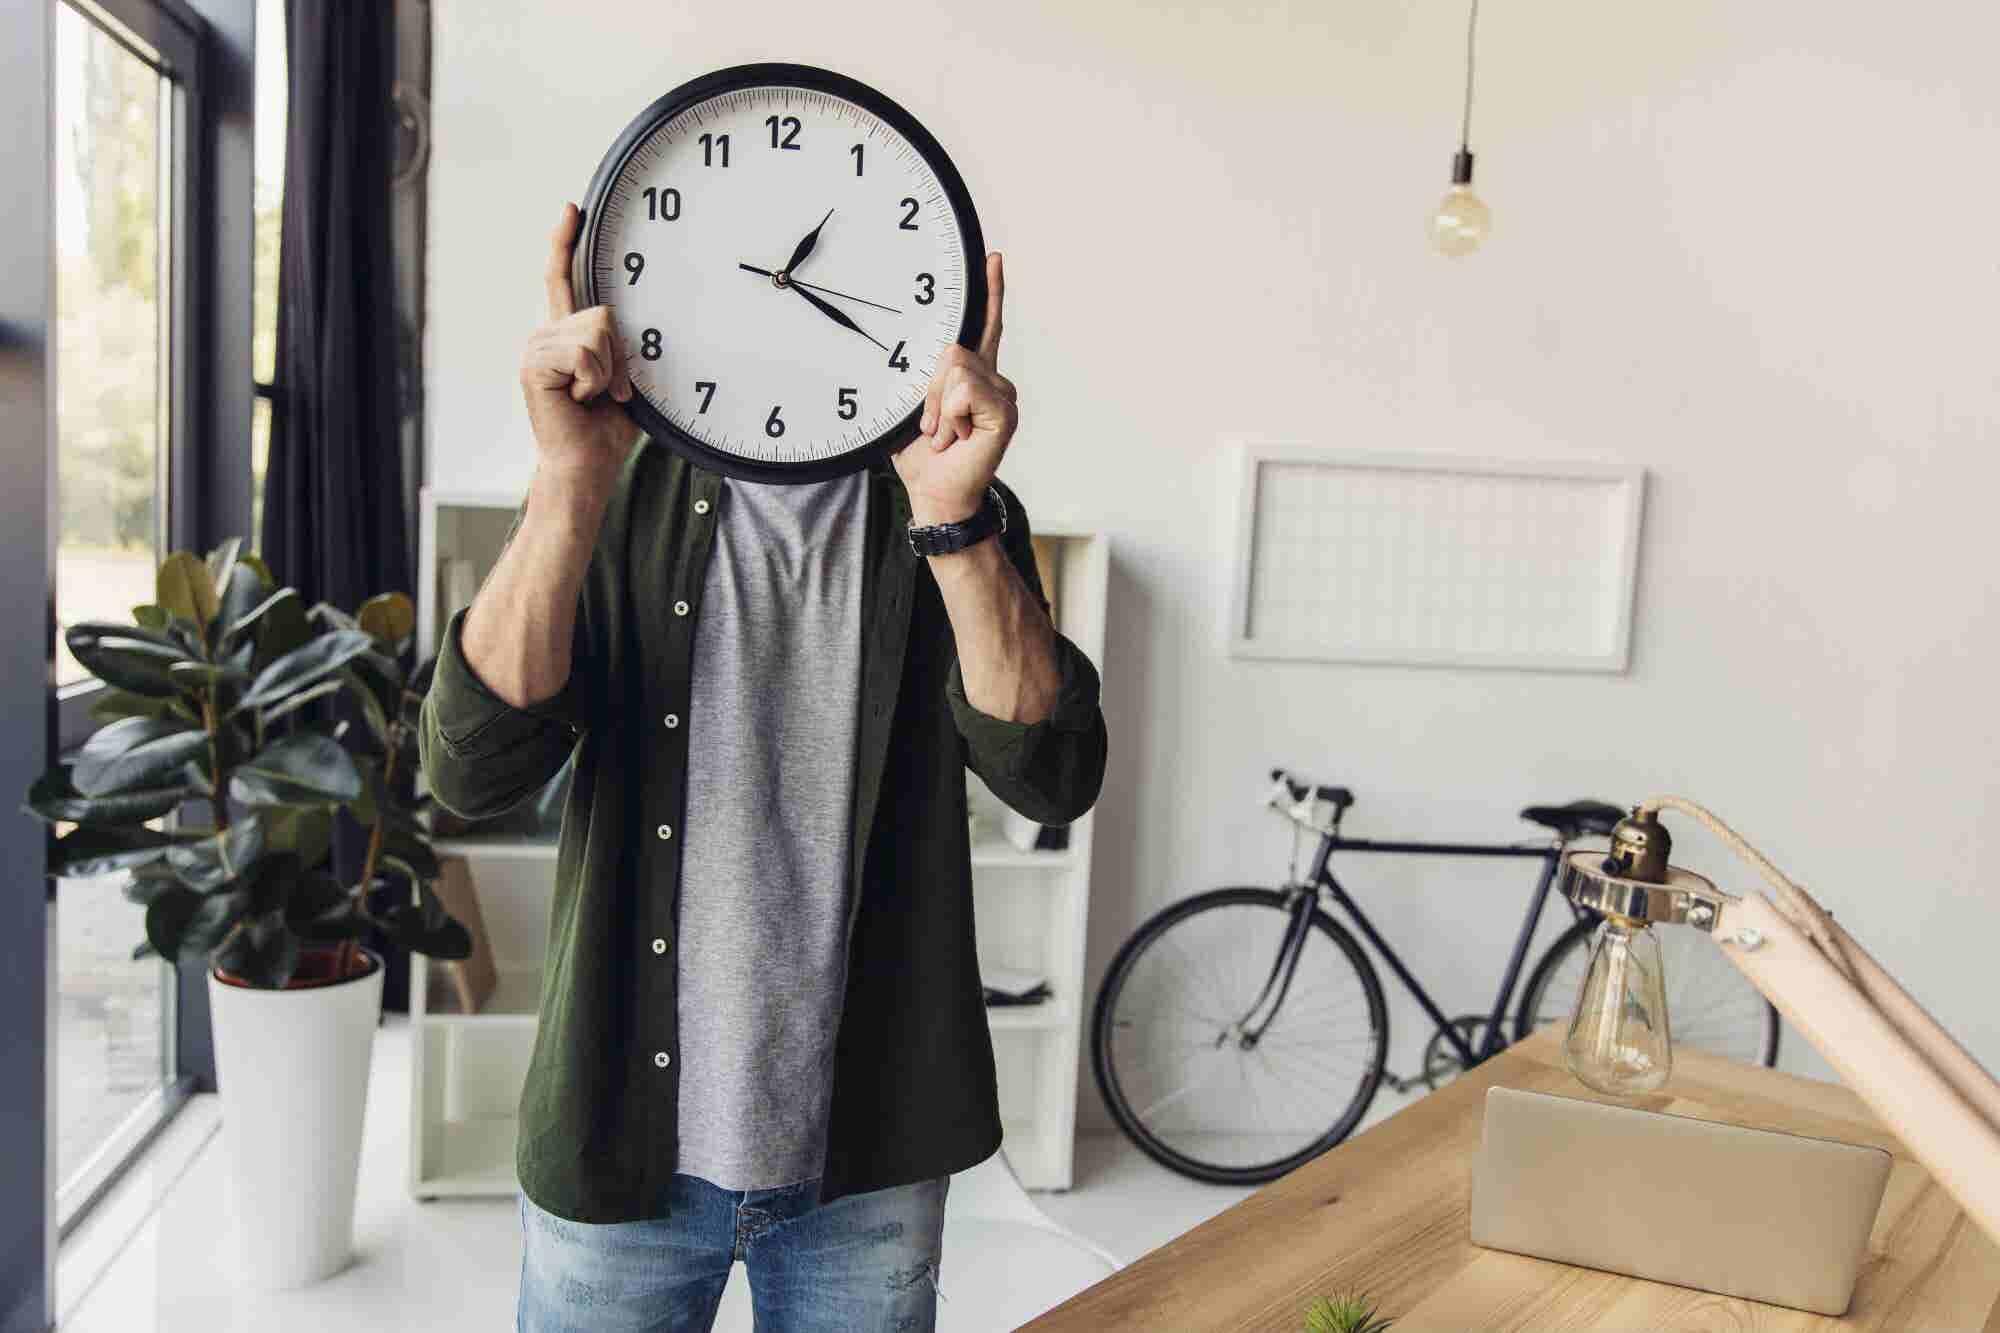 隆Aprovecha tu tiempo al m谩ximo! Aqu铆 4 formas para lograrlo